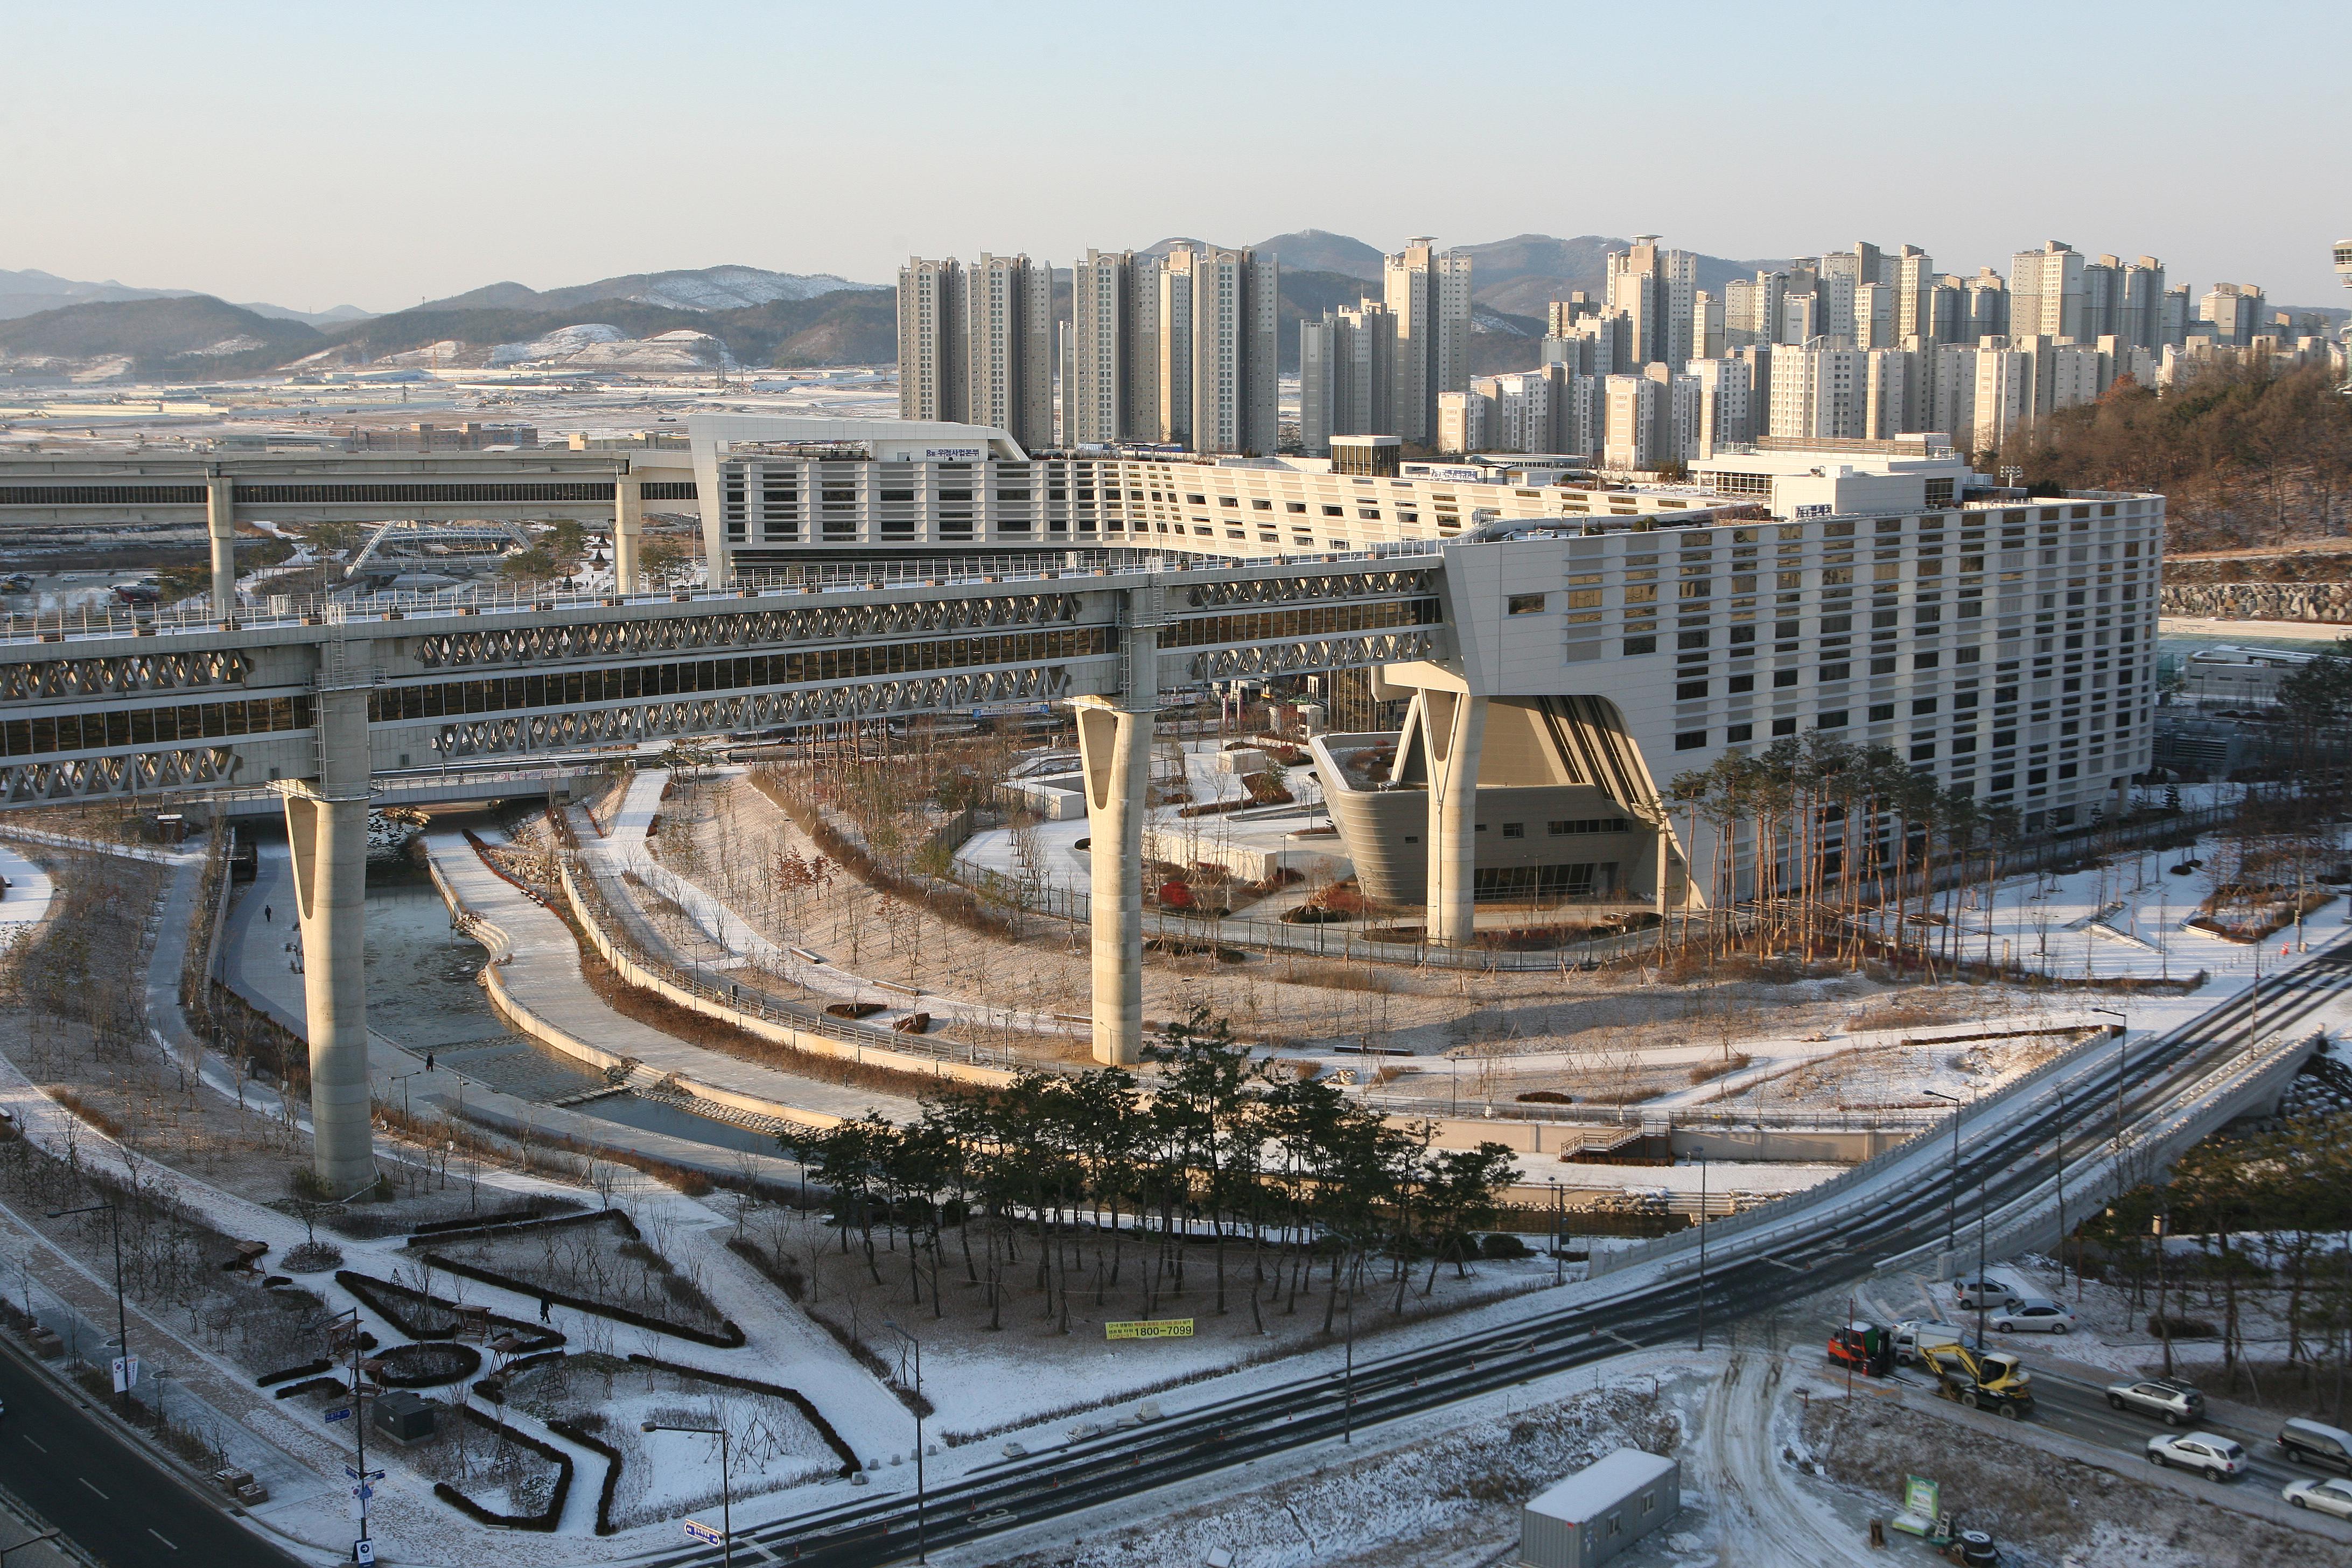 〔안정원의 건축 칼럼〕 미래형 명품도시의 모범 사례로 손꼽히는 행정중심복합도시 4